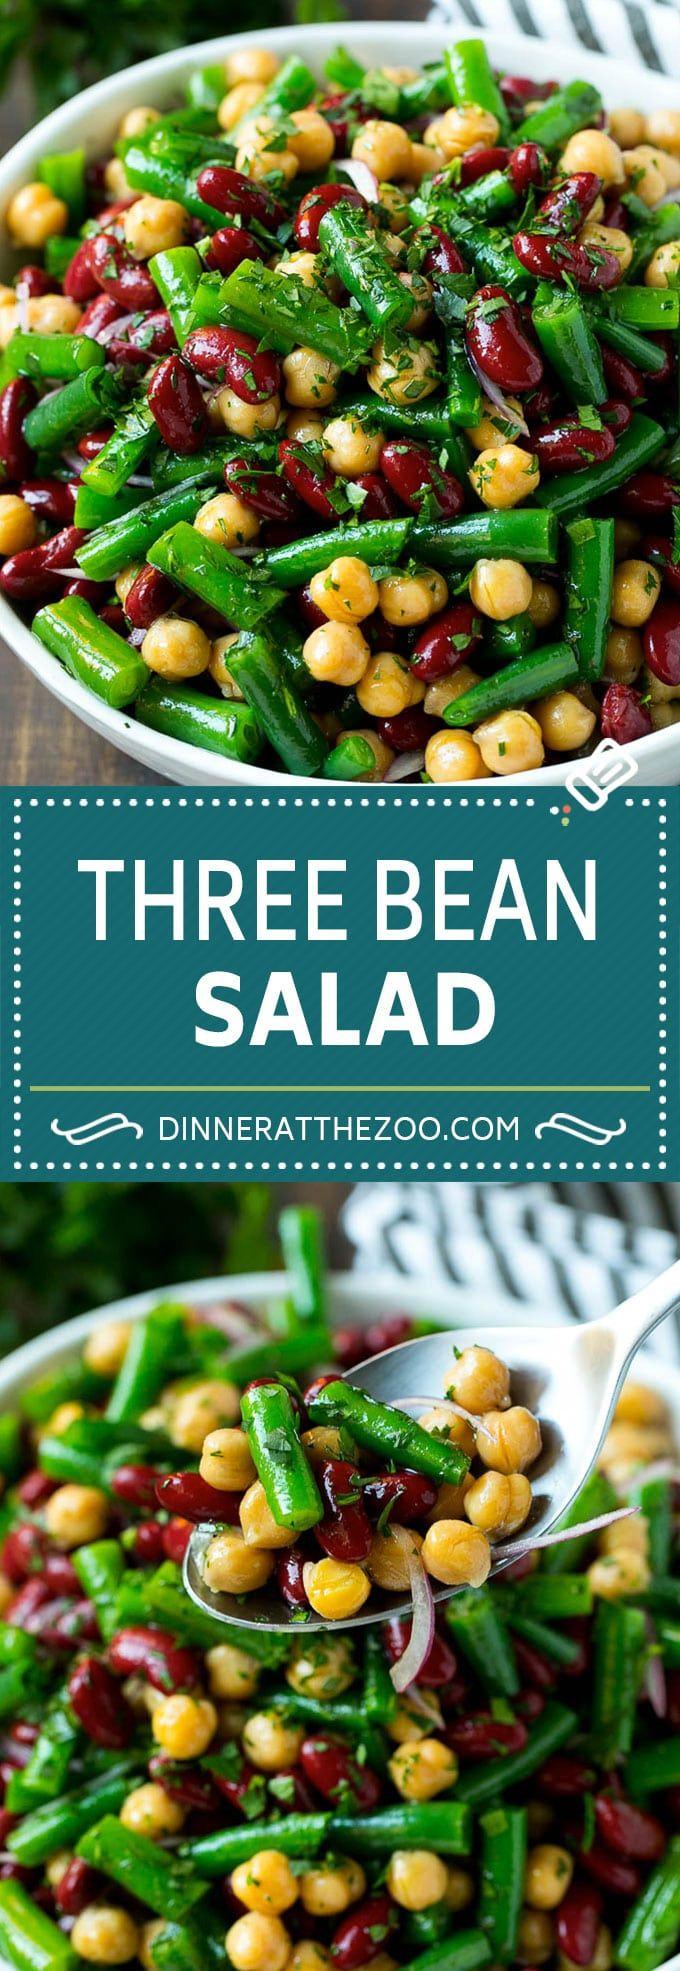 Three Bean Salad Recipe Bean Salad Green Bean Salad Chickpea Salad Salad Beans Vegetables Vegetaria Bean Salad Recipes Three Bean Salad Greens Recipe